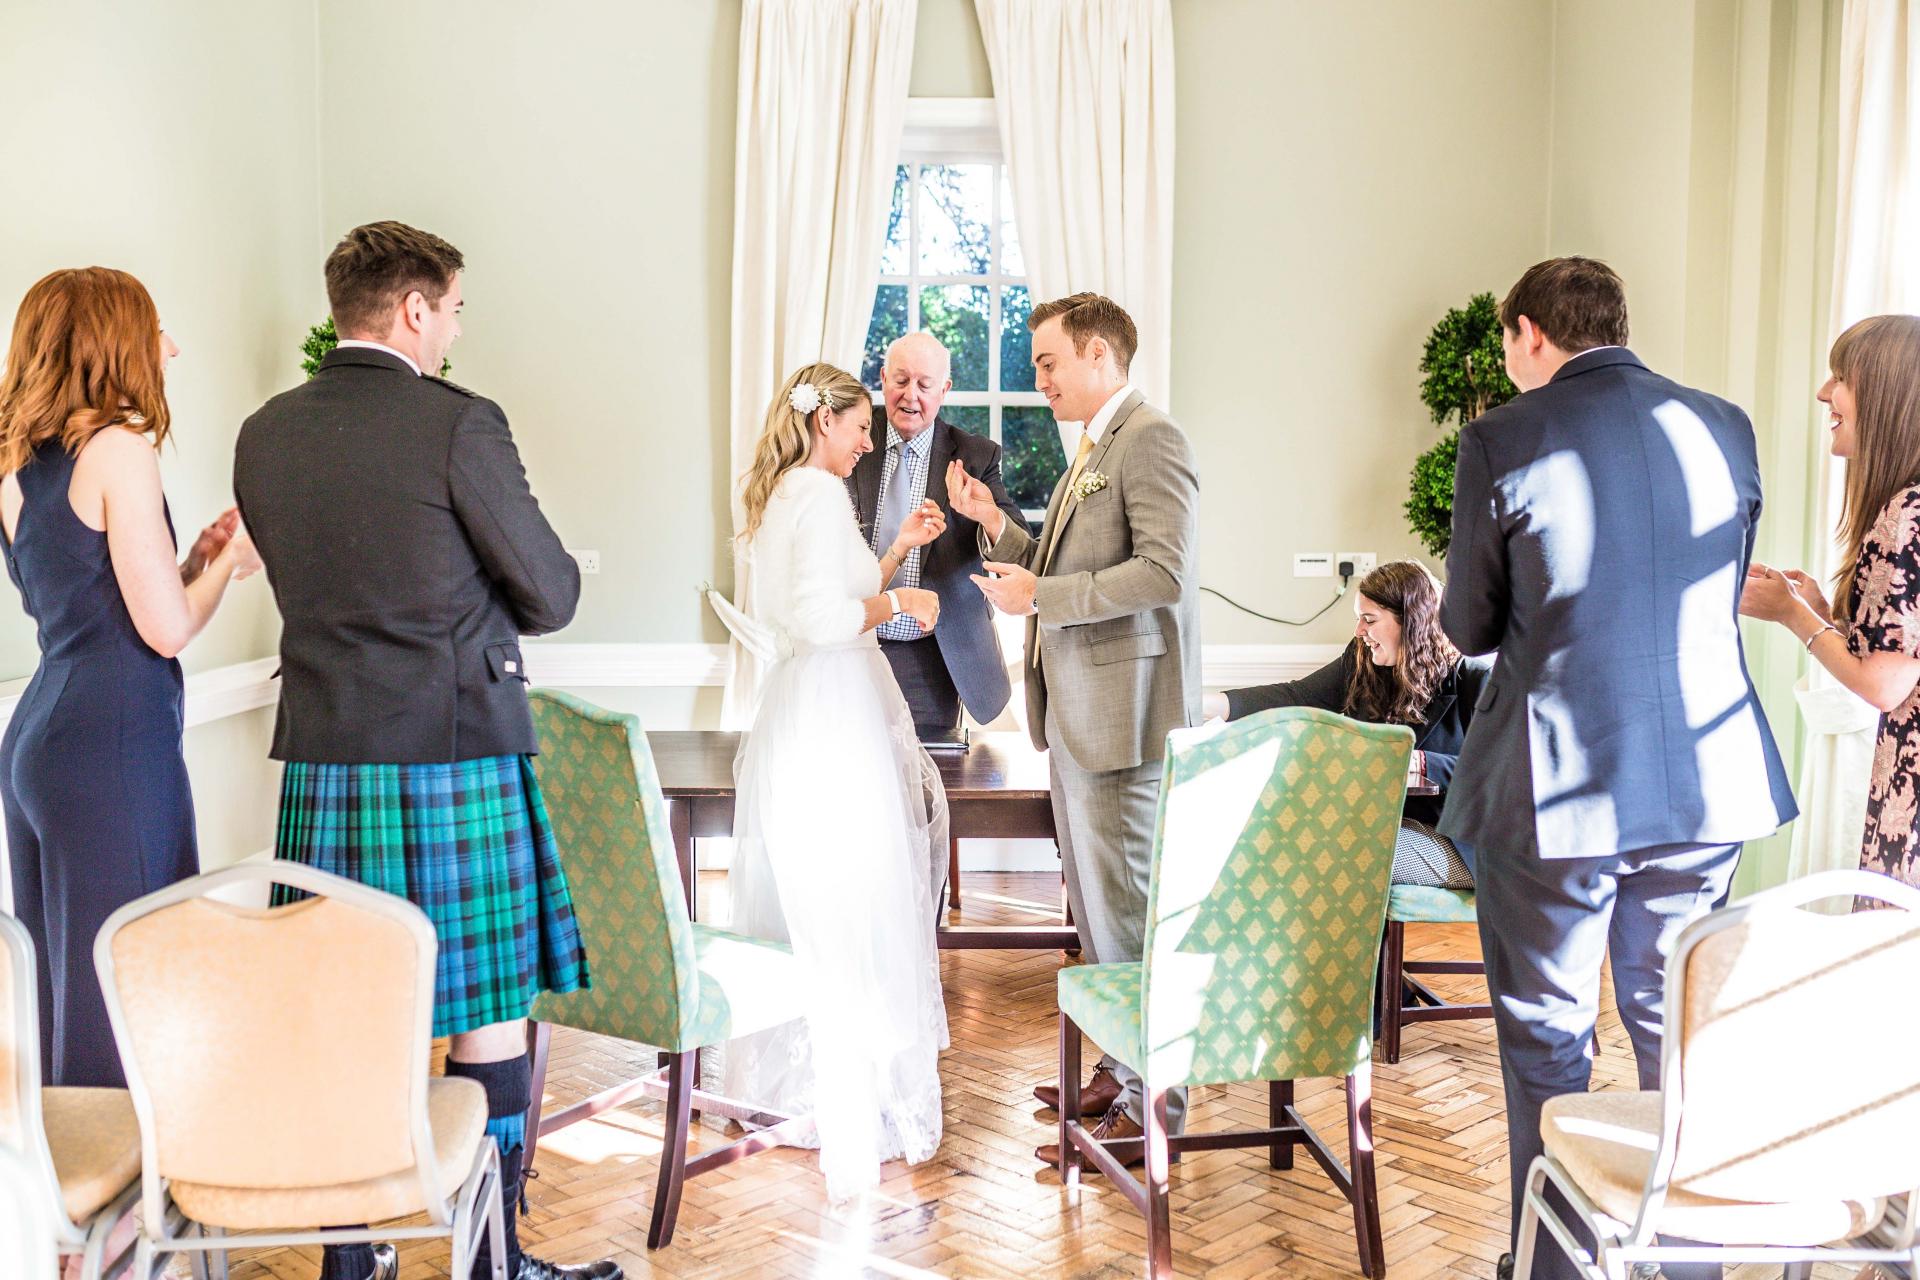 York House Twickenham, London Elopement Zeremonie Bild | Braut und Bräutigam werden als Ehefrau und Ehemann ausgesprochen, während die erste Reihe der Gäste sie anfeuert